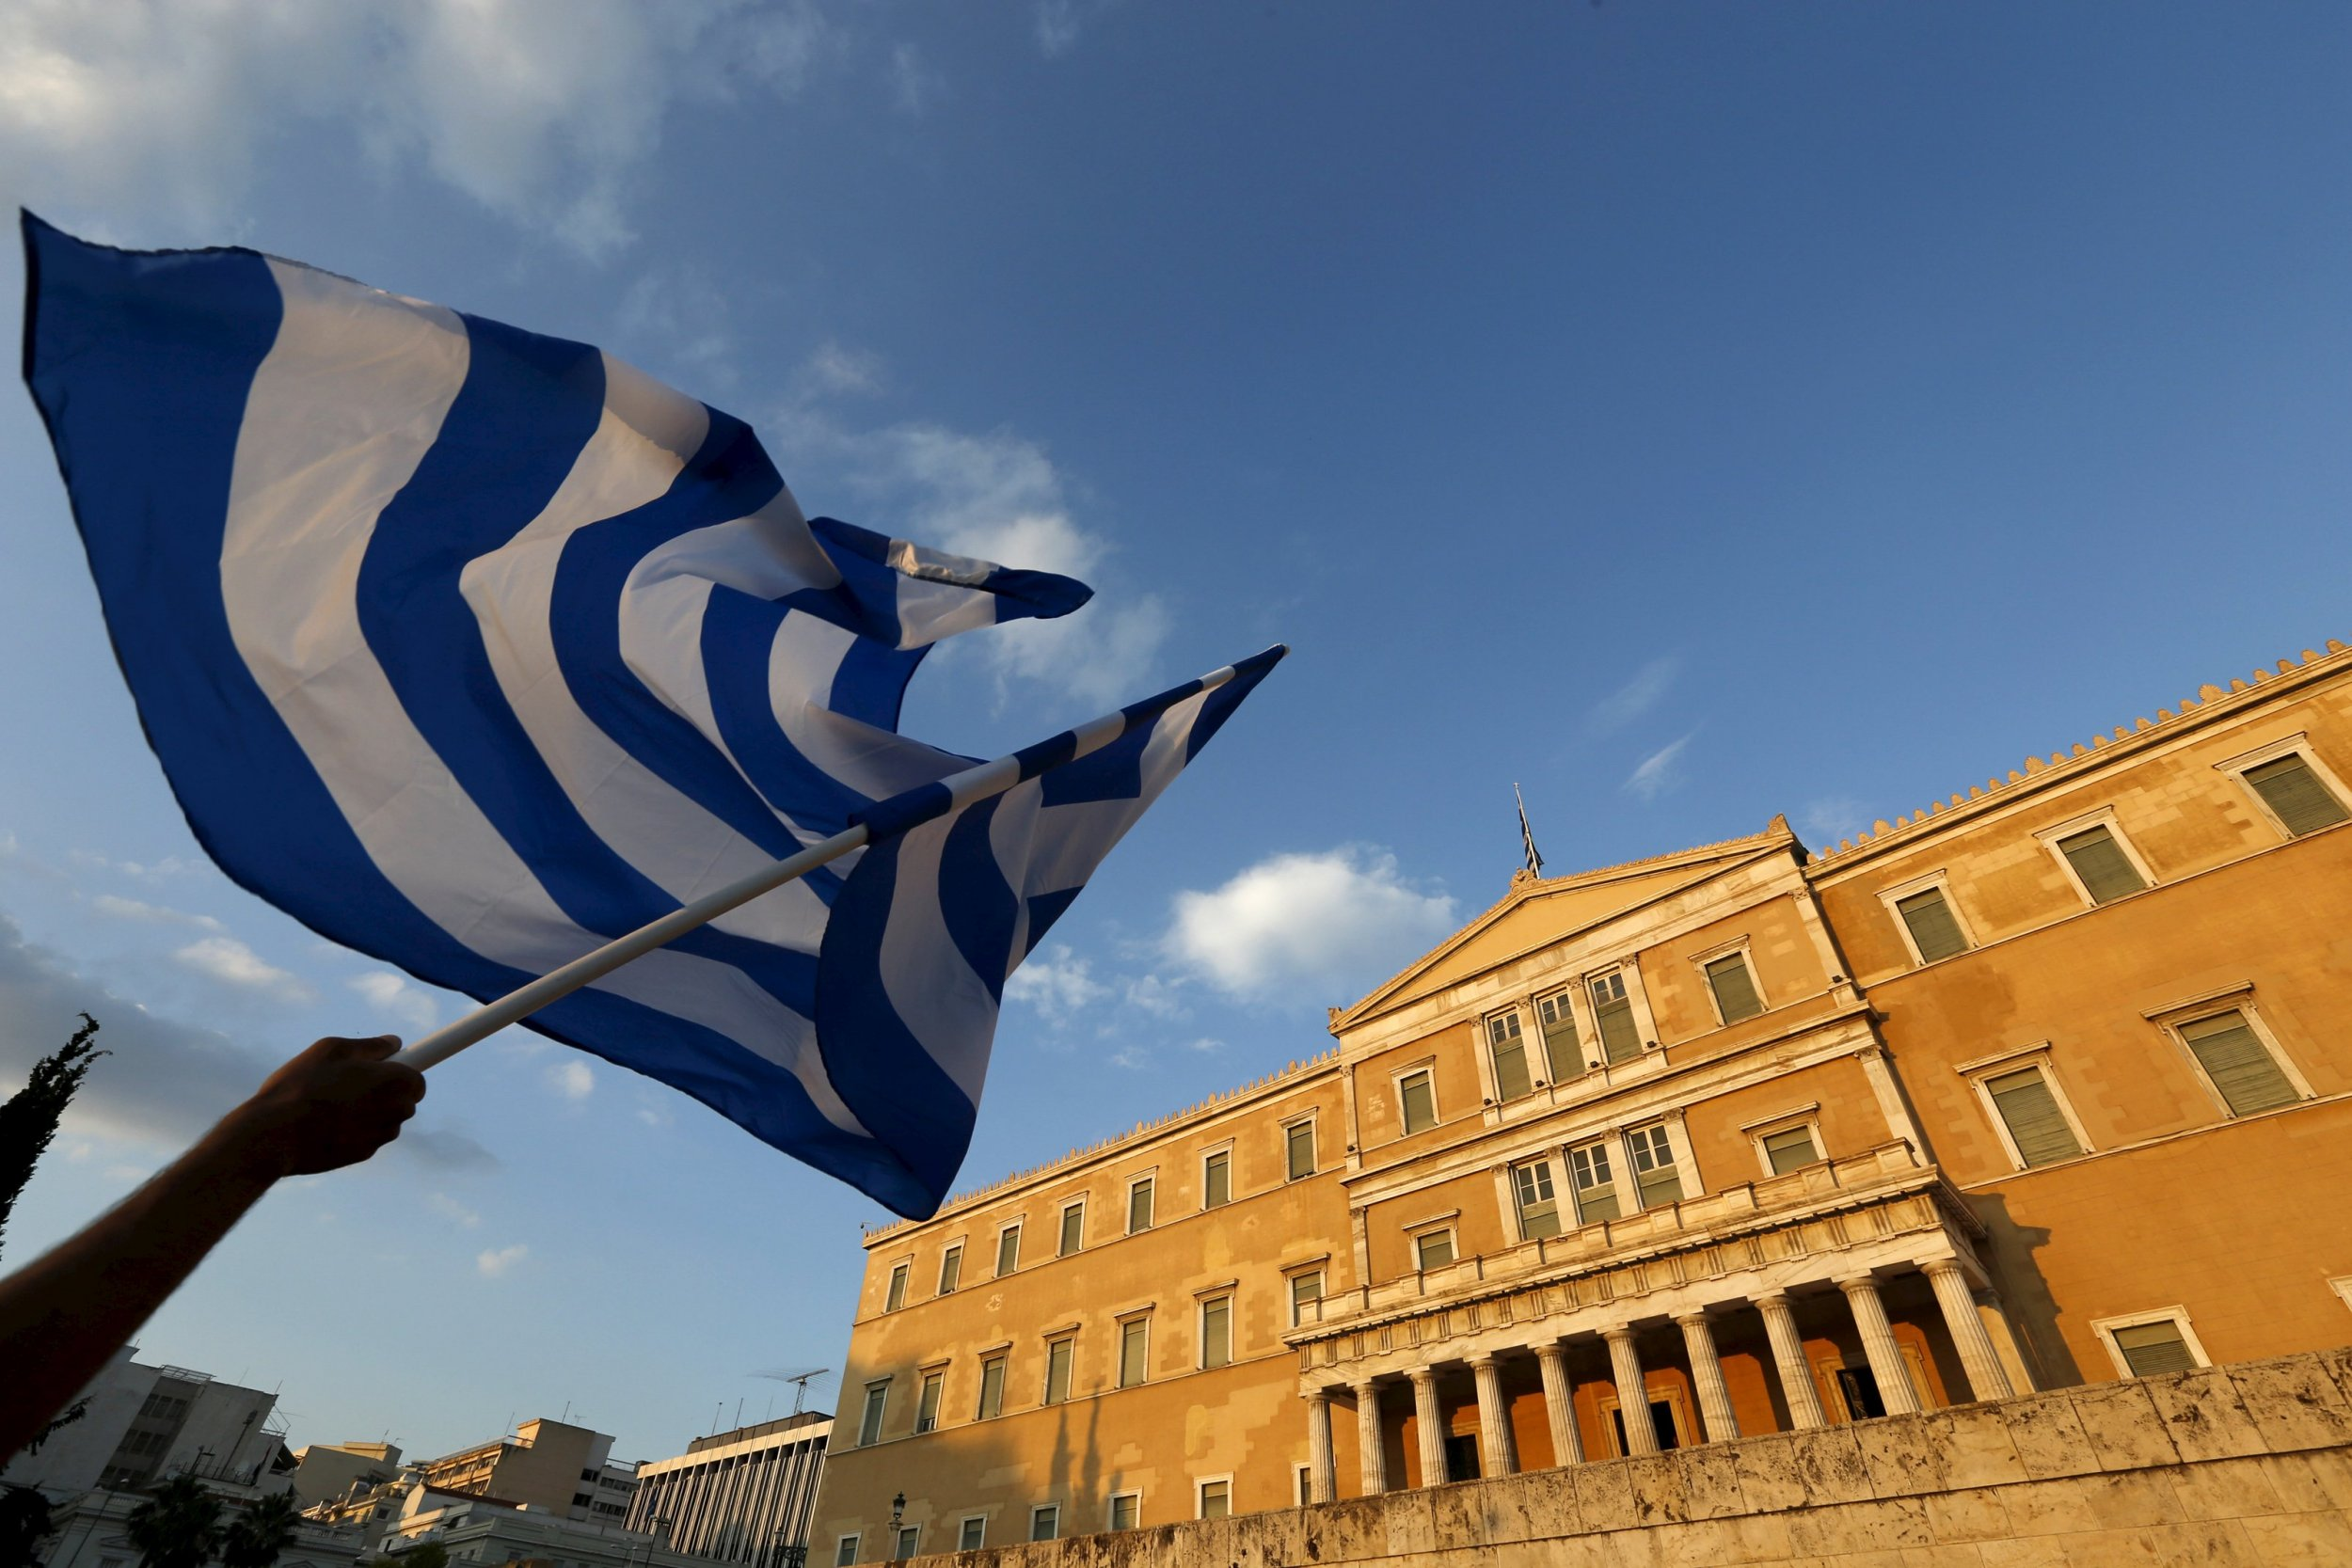 2015-06-29T183539Z_1101173534_GF10000143904_RTRMADP_3_EUROZONE-GREECE